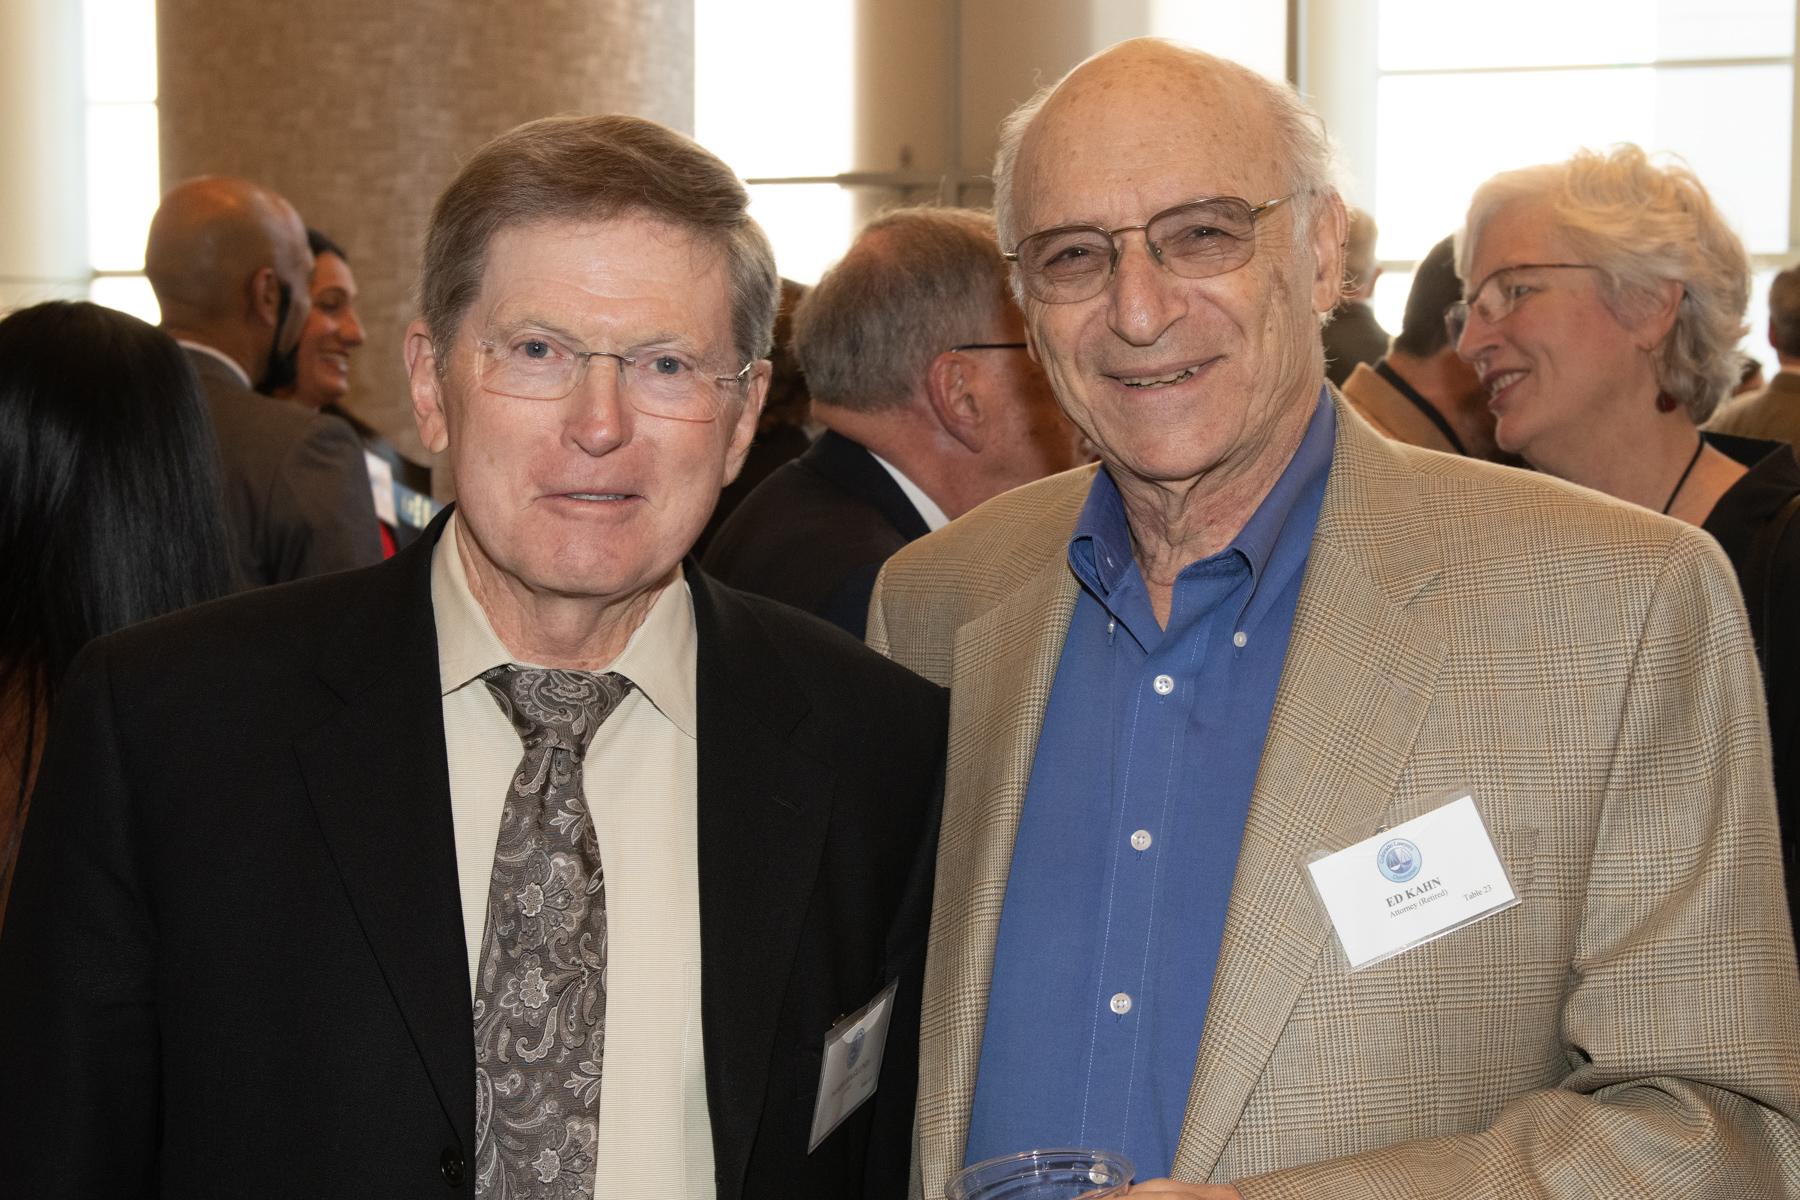 _DSC7162 Norm Haglund & Ed Kahn (courtesy of Hartmannphoto).jpg